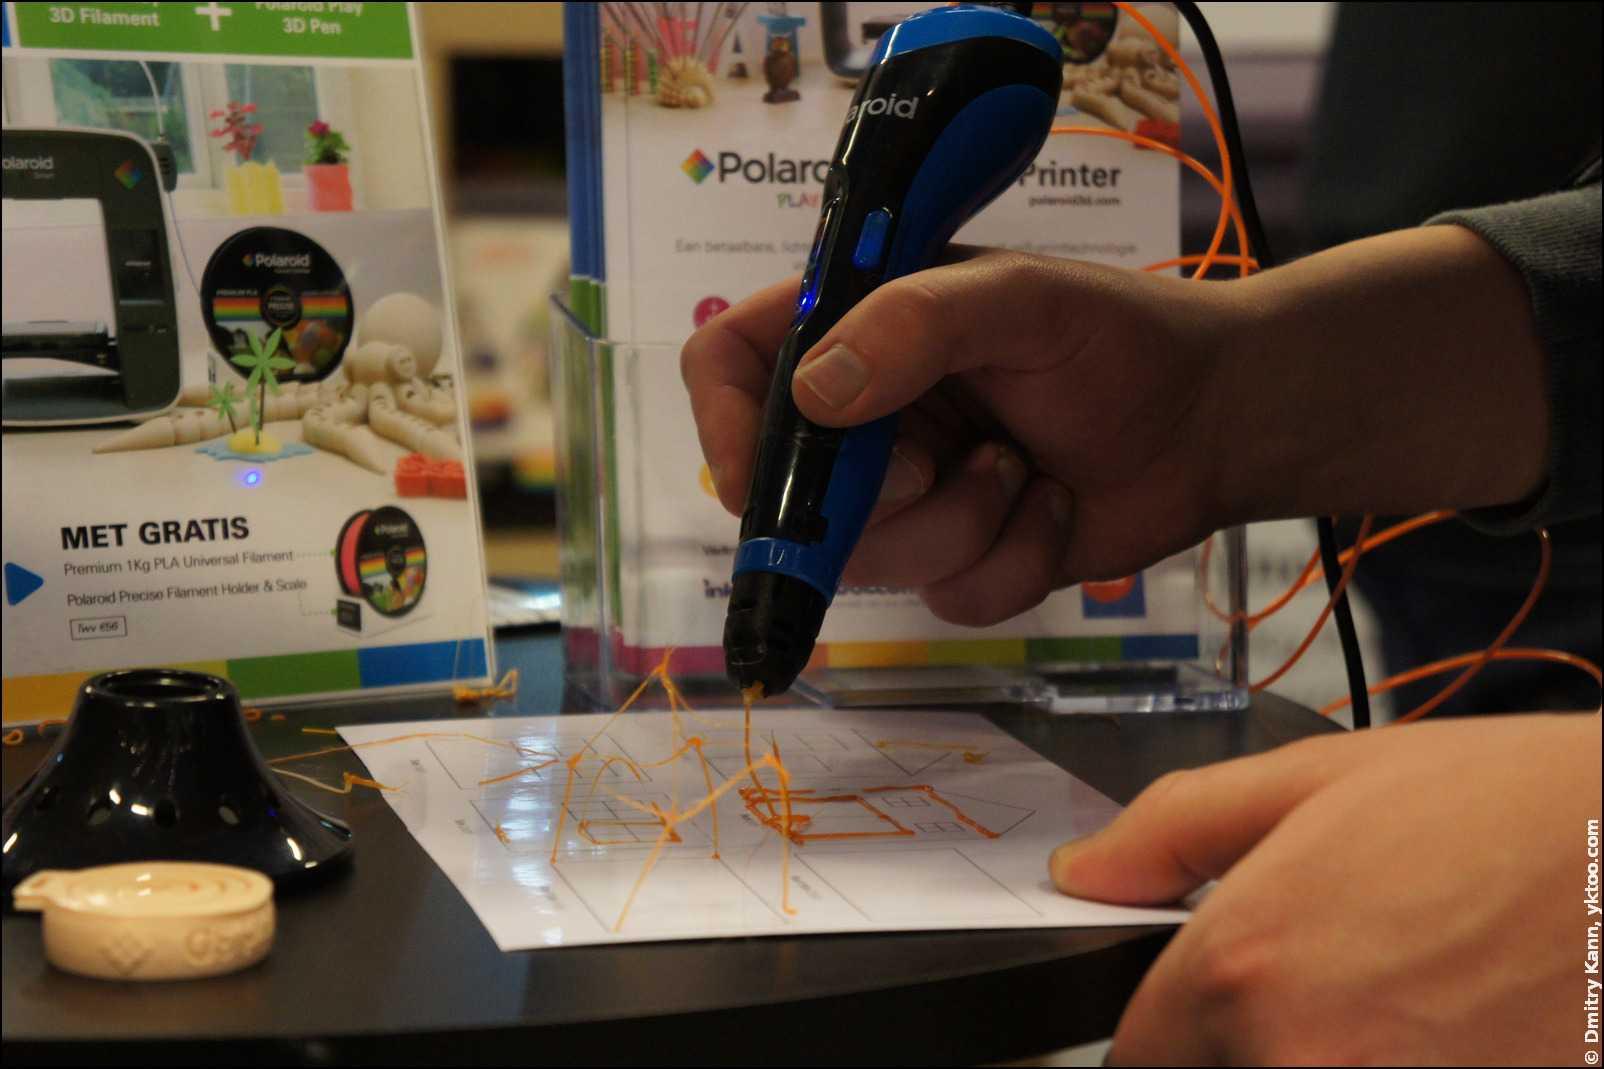 Polaroid Play 3D Pen.